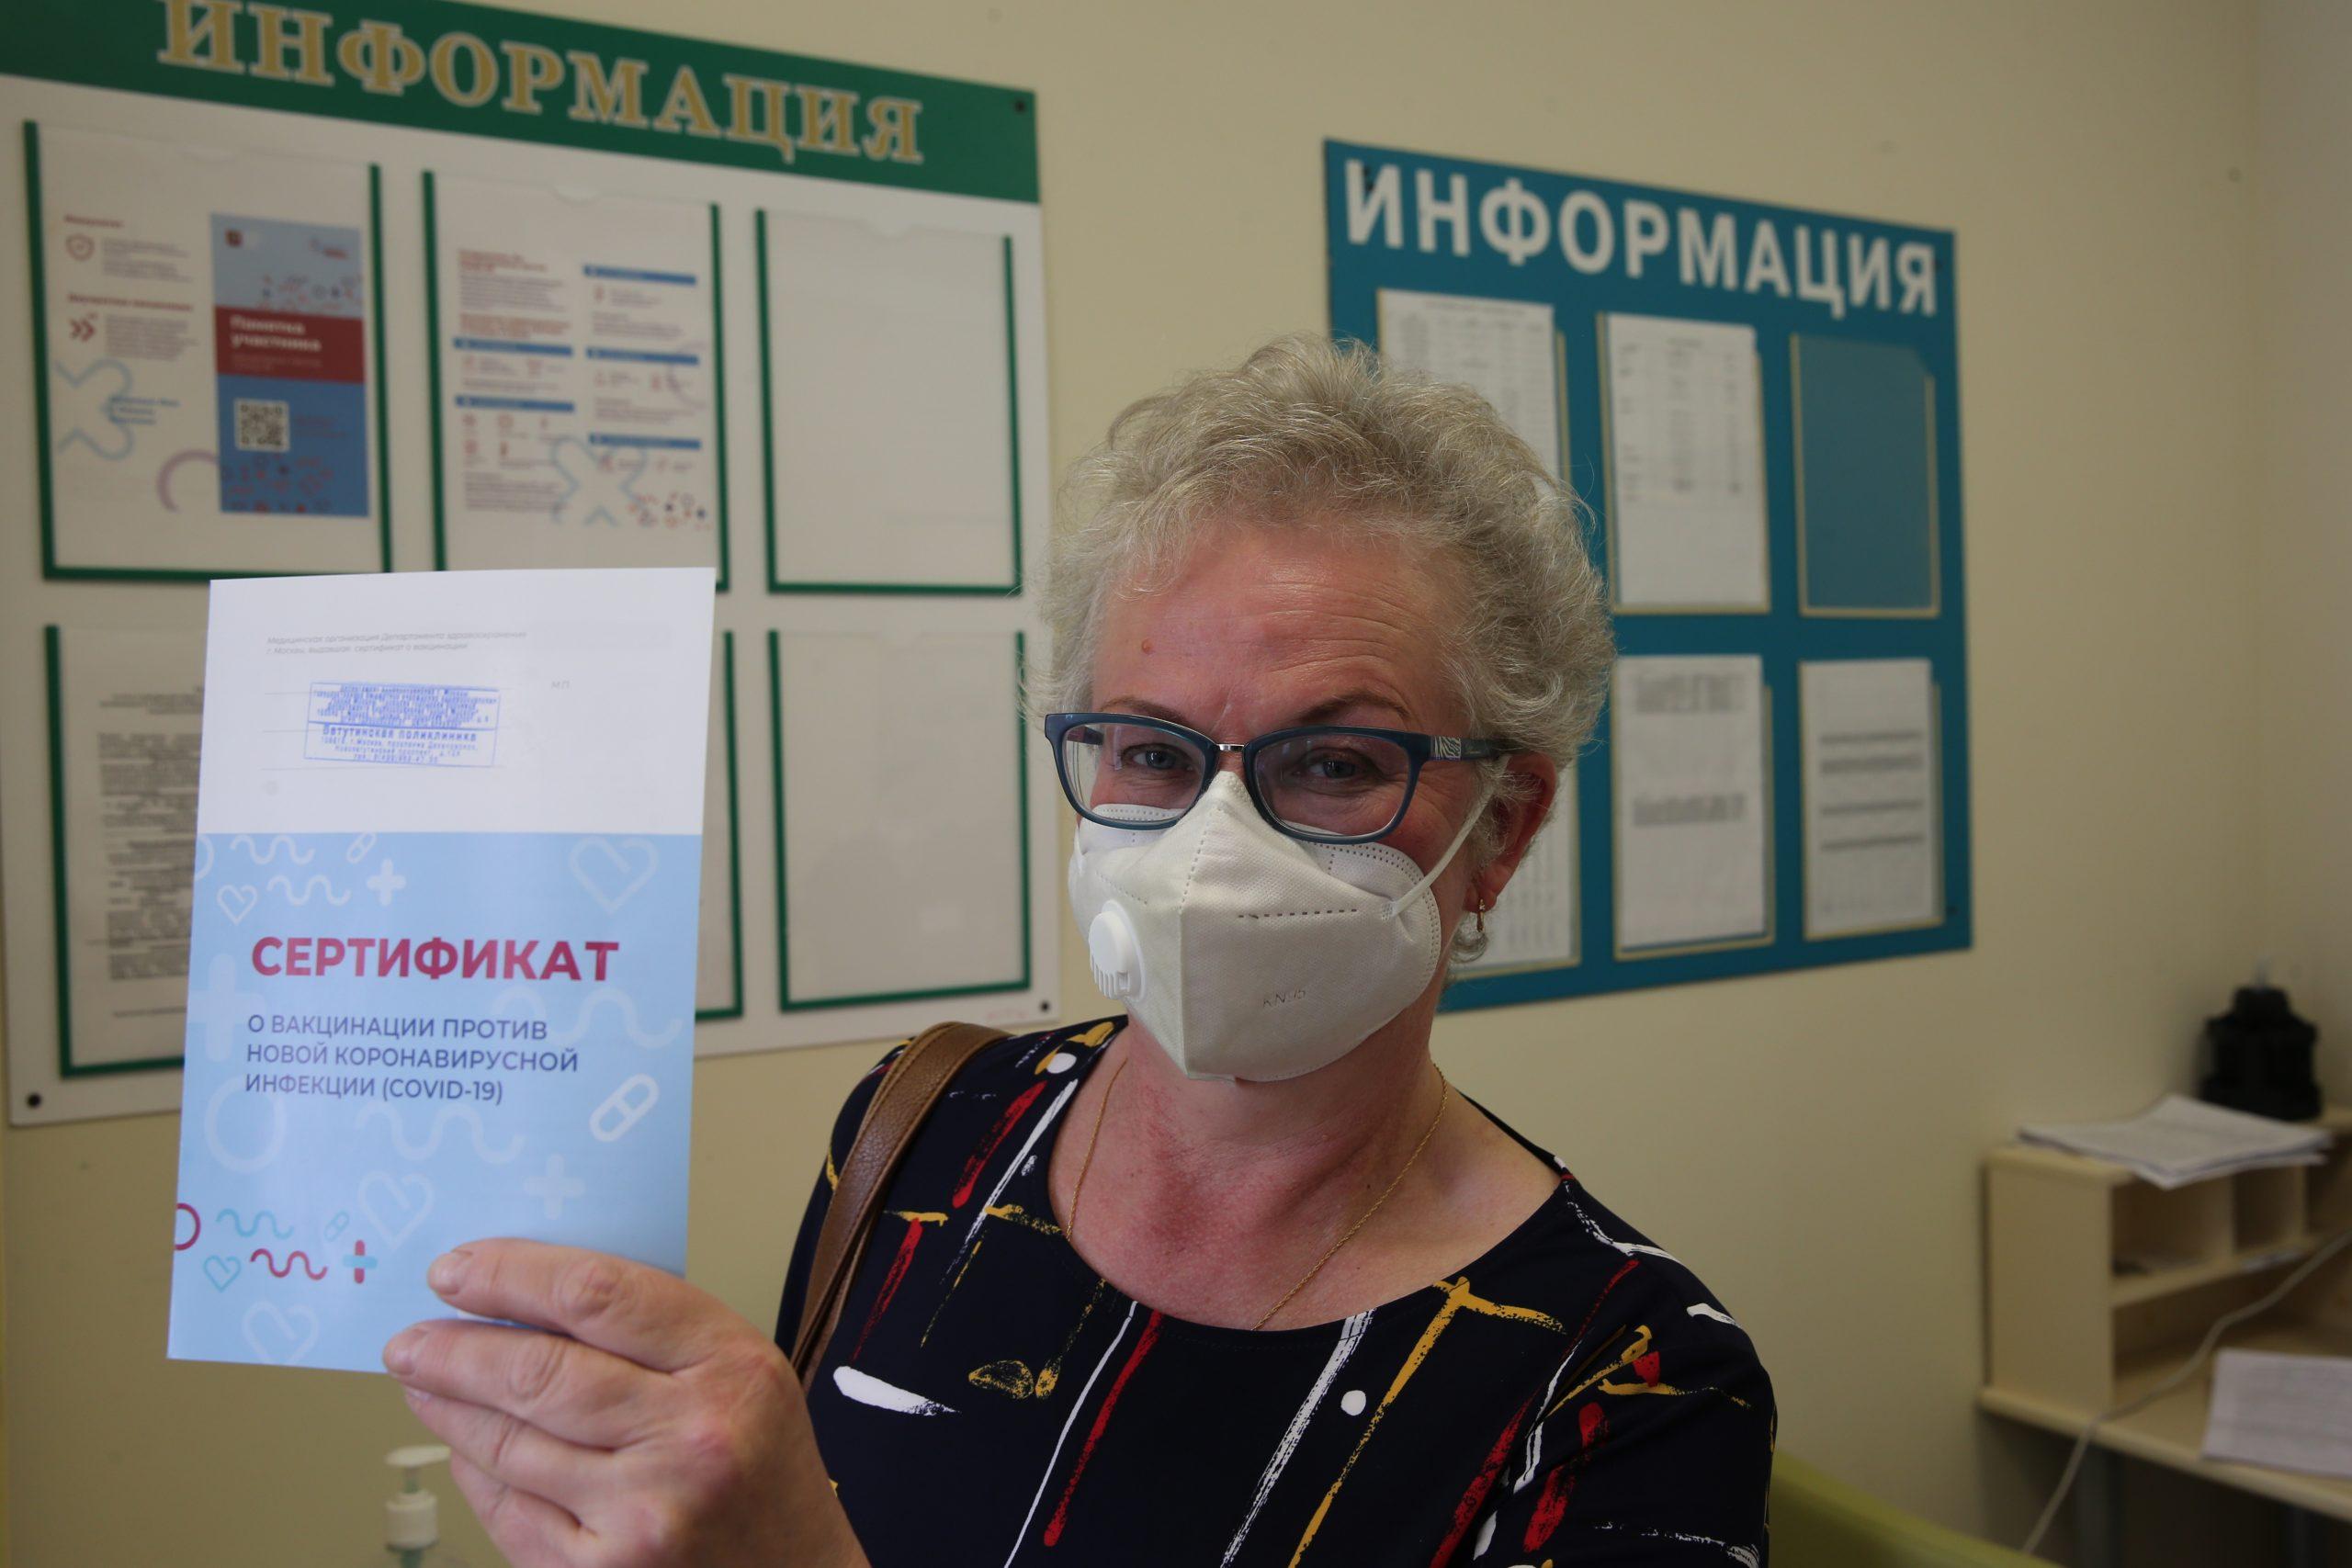 Павел Астахов рассказал почему решение об обязательной вакцинации в некоторых сферах обосновано